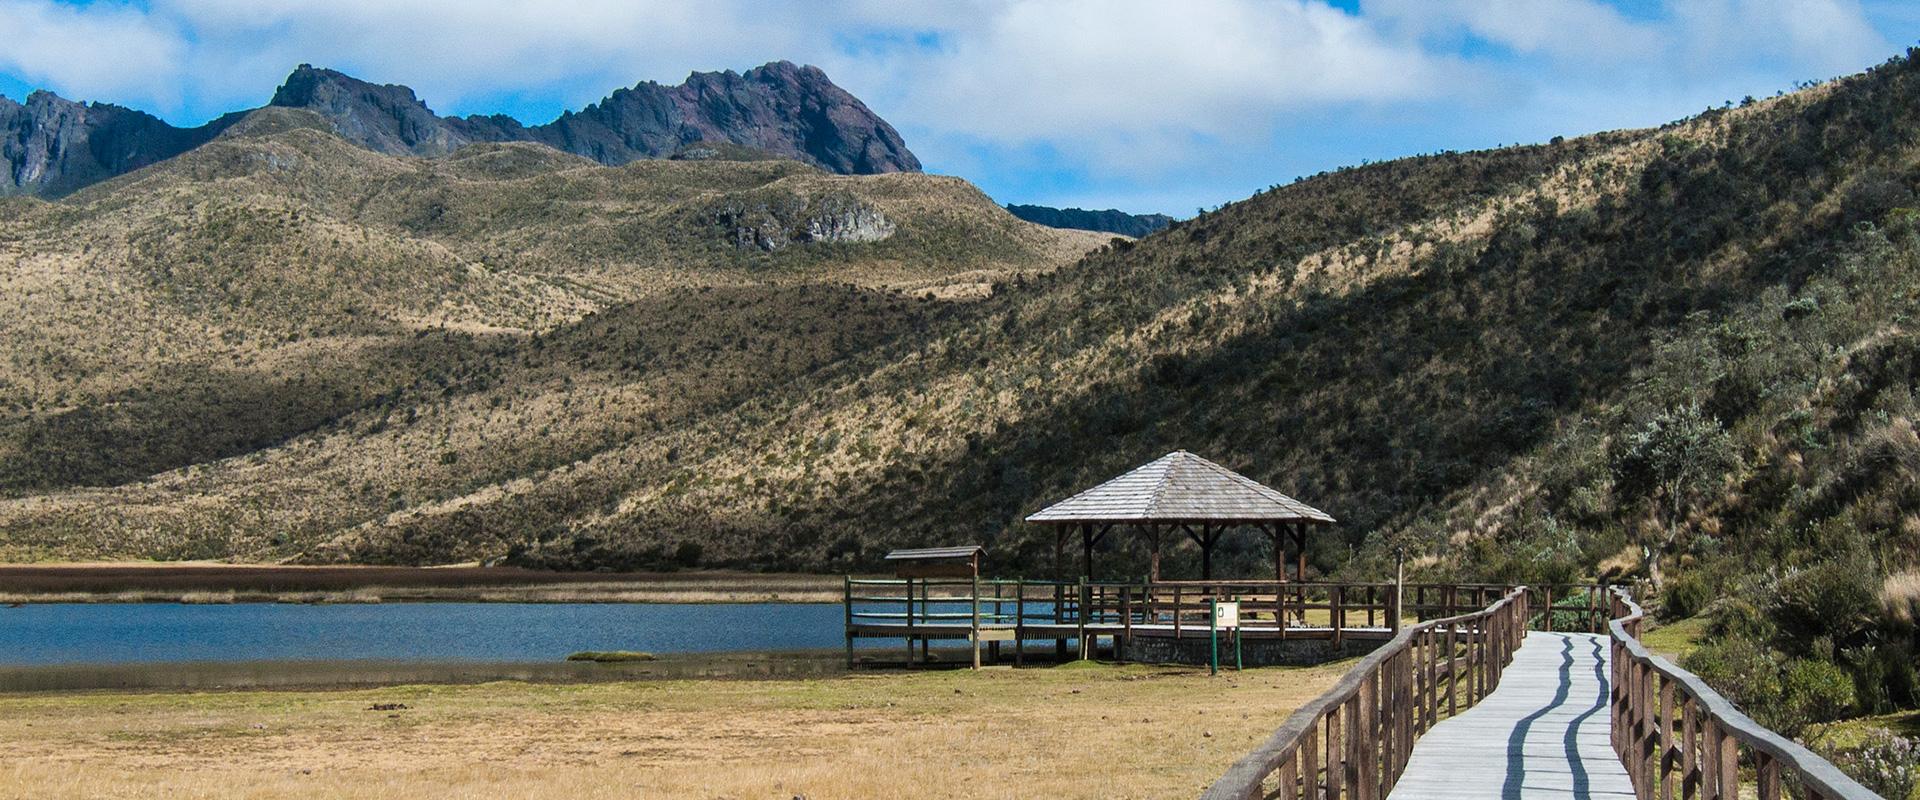 Limpiopungo Lagoon Cotopaxi Ecuador